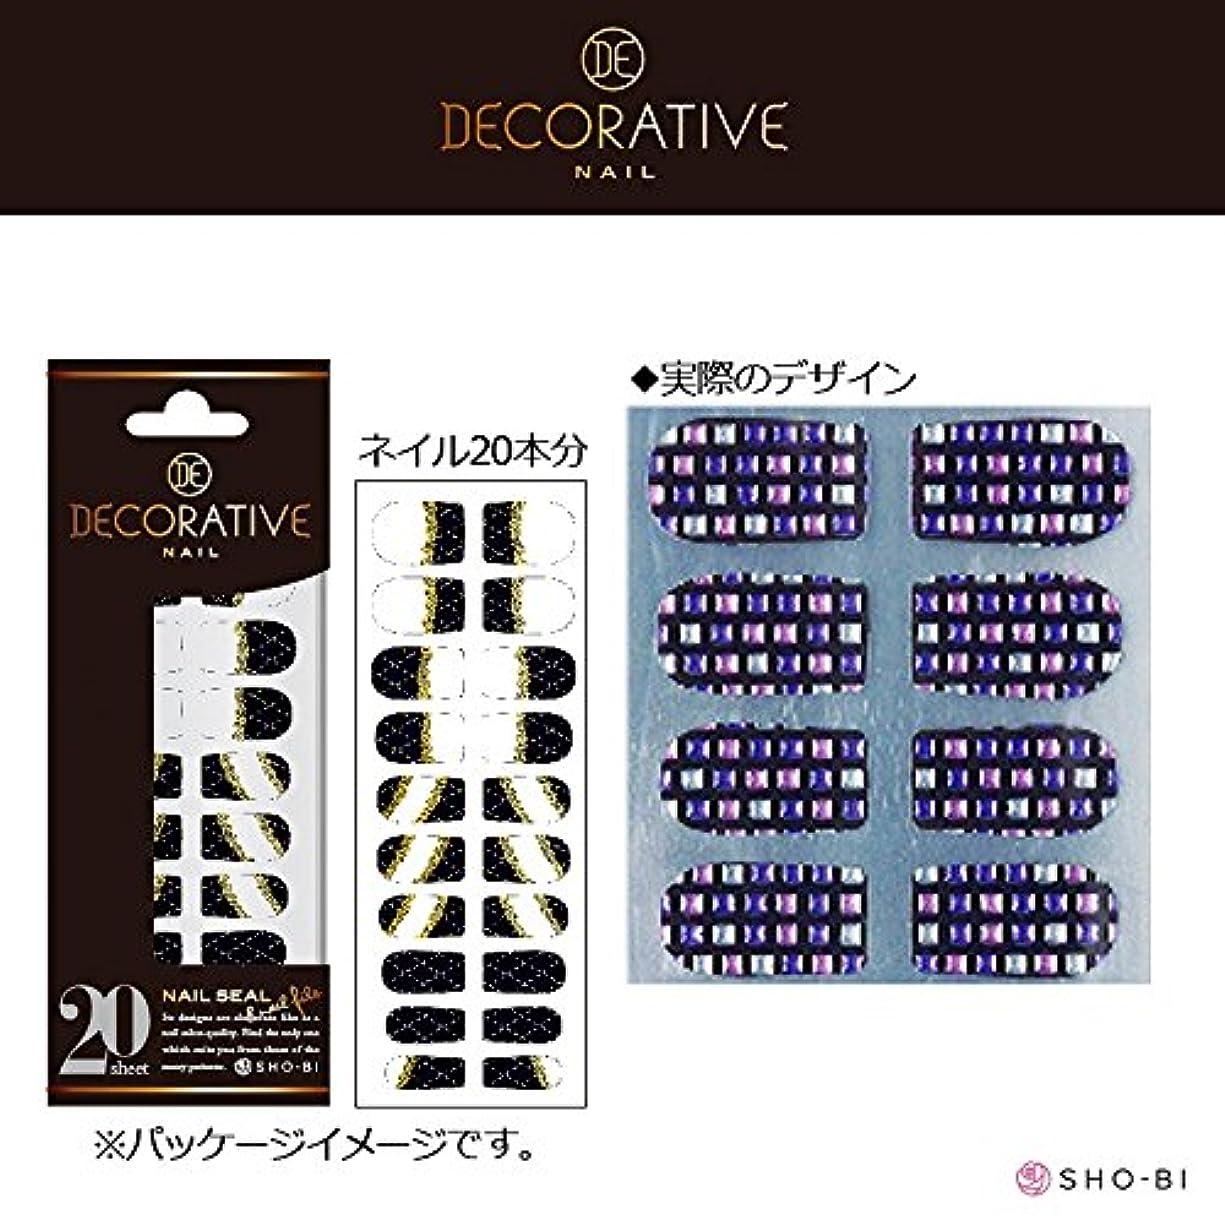 起こる美容師ショートデコラティブネイル ラッピングシール グロッシータイル TN80491